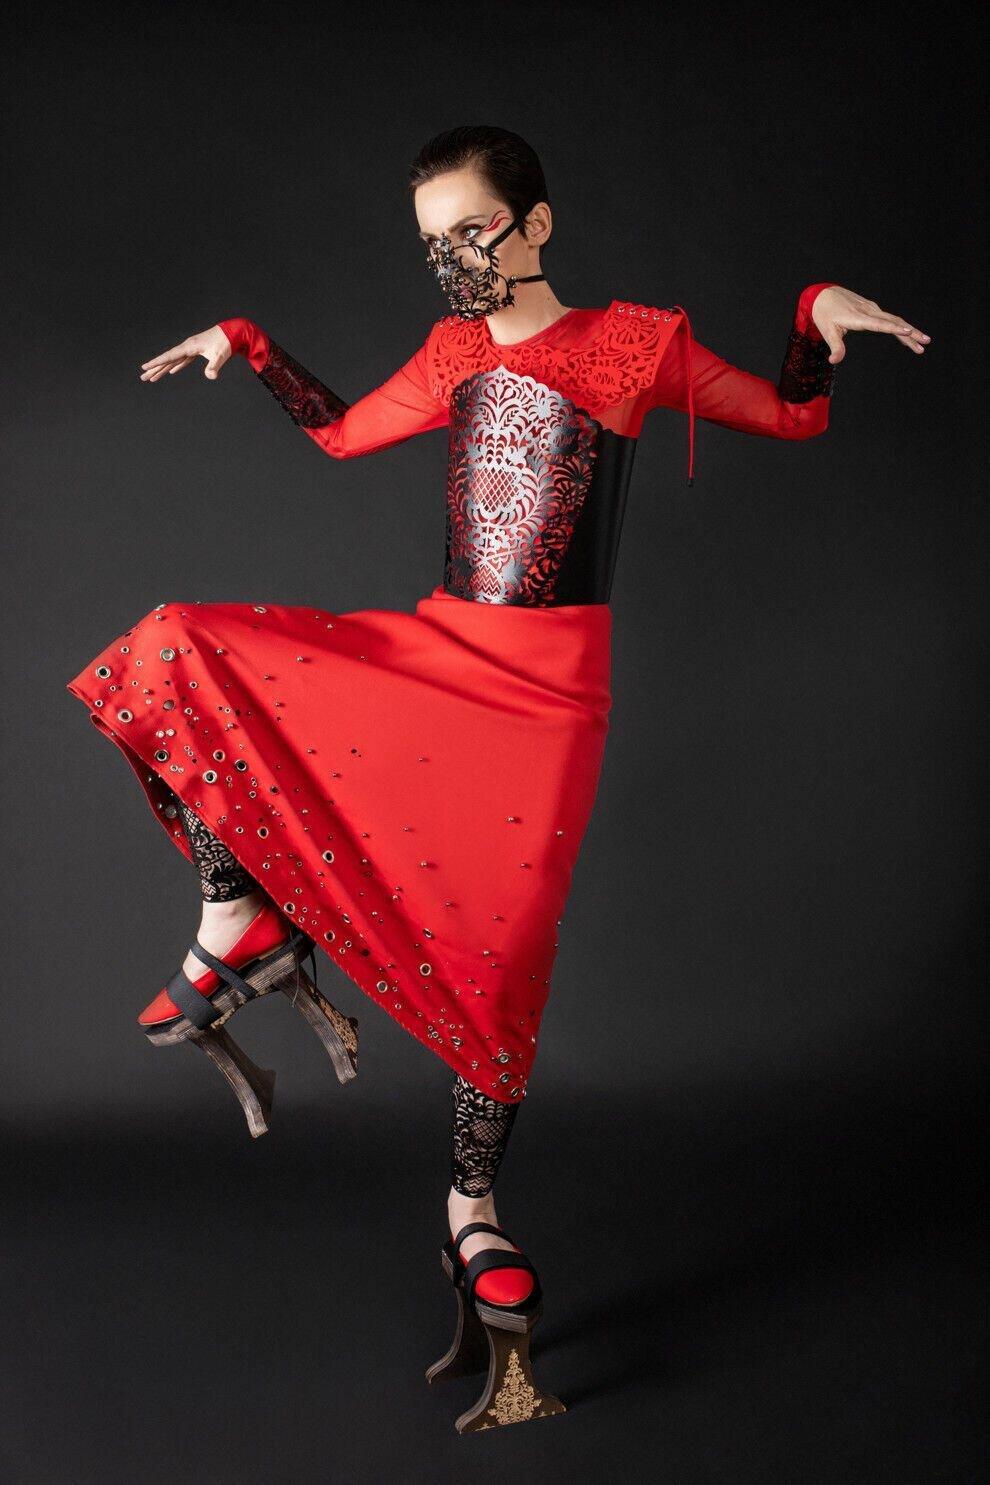 Павленко примерила длинное красное платье с украшениями на юбке, черным ажурным корсетом и маску